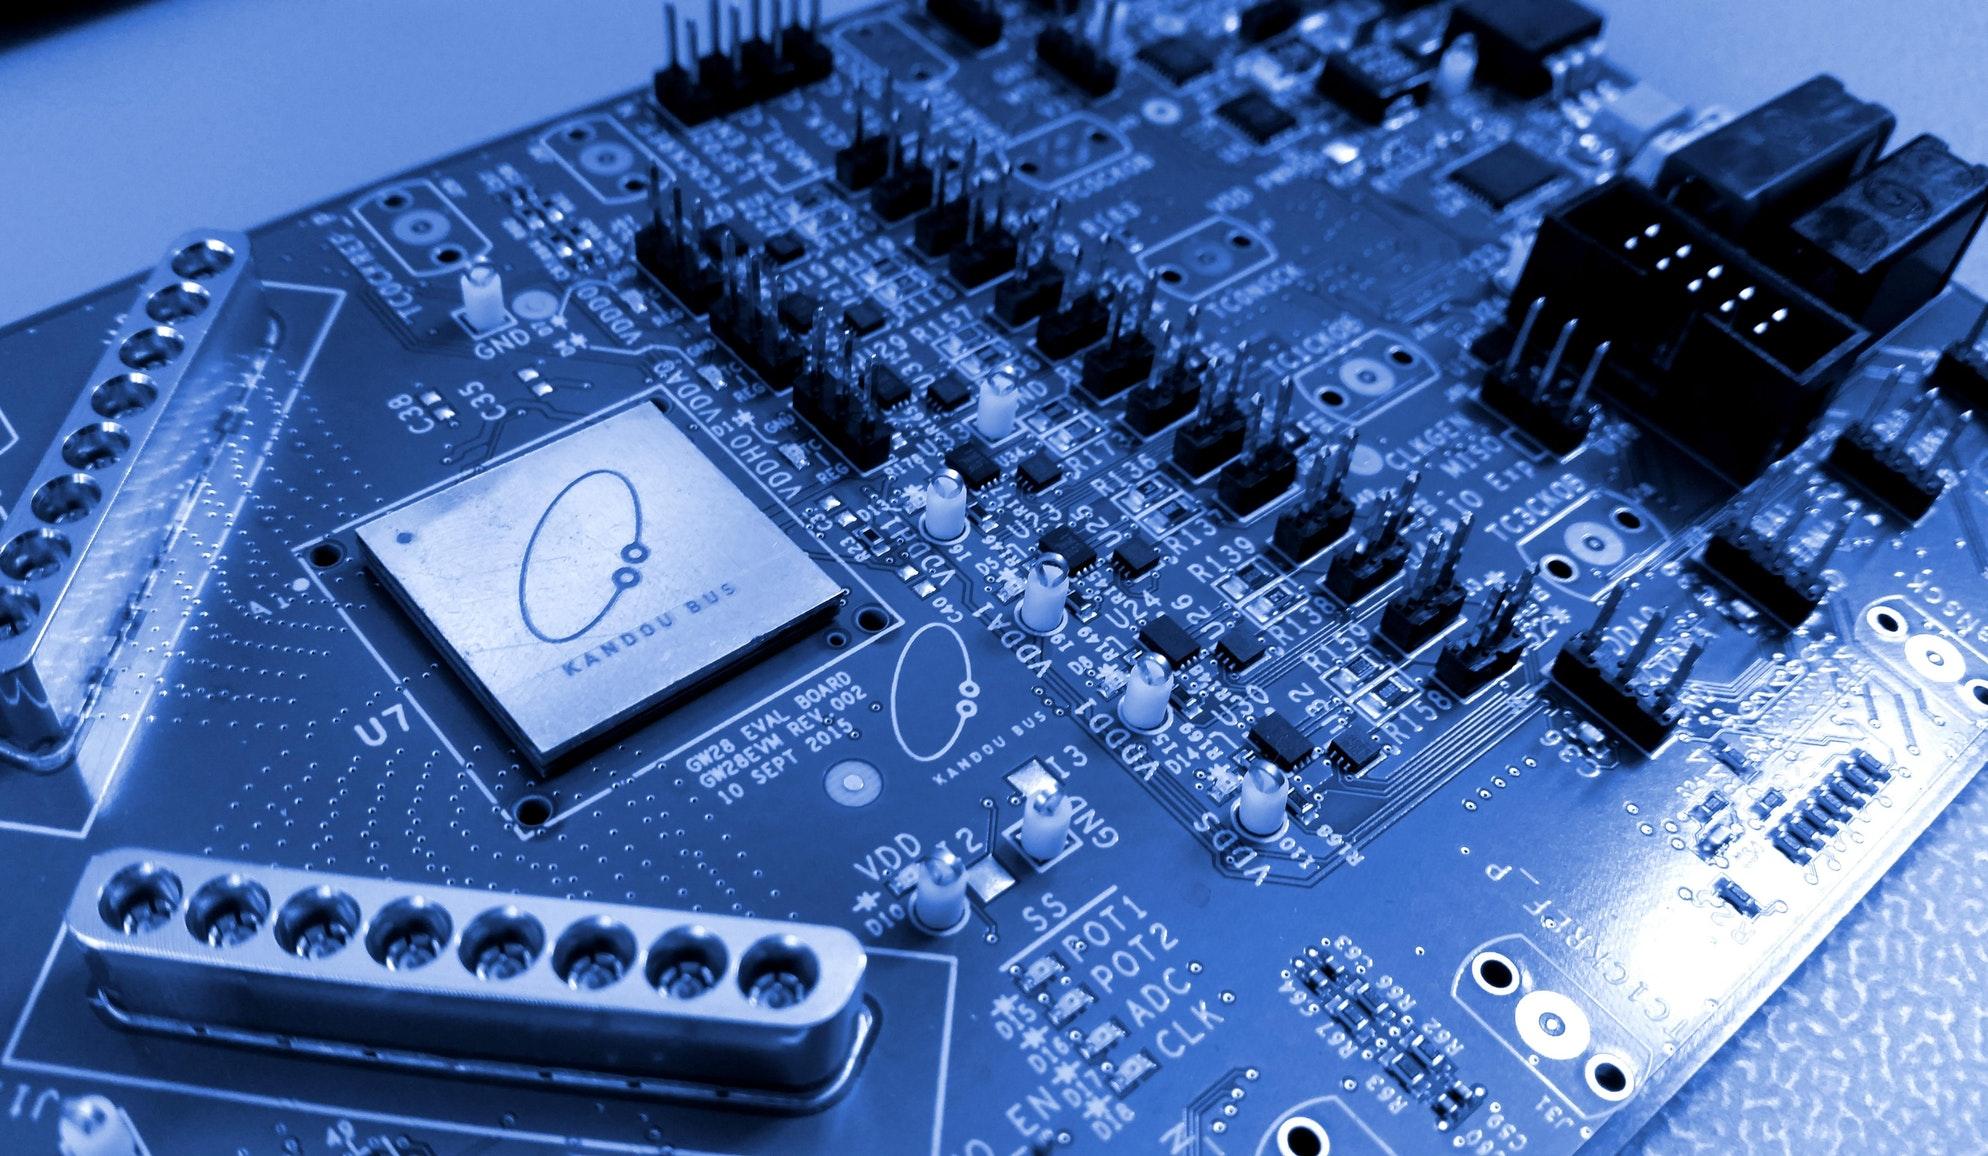 Kandou Bus: Low power consumption chip connections